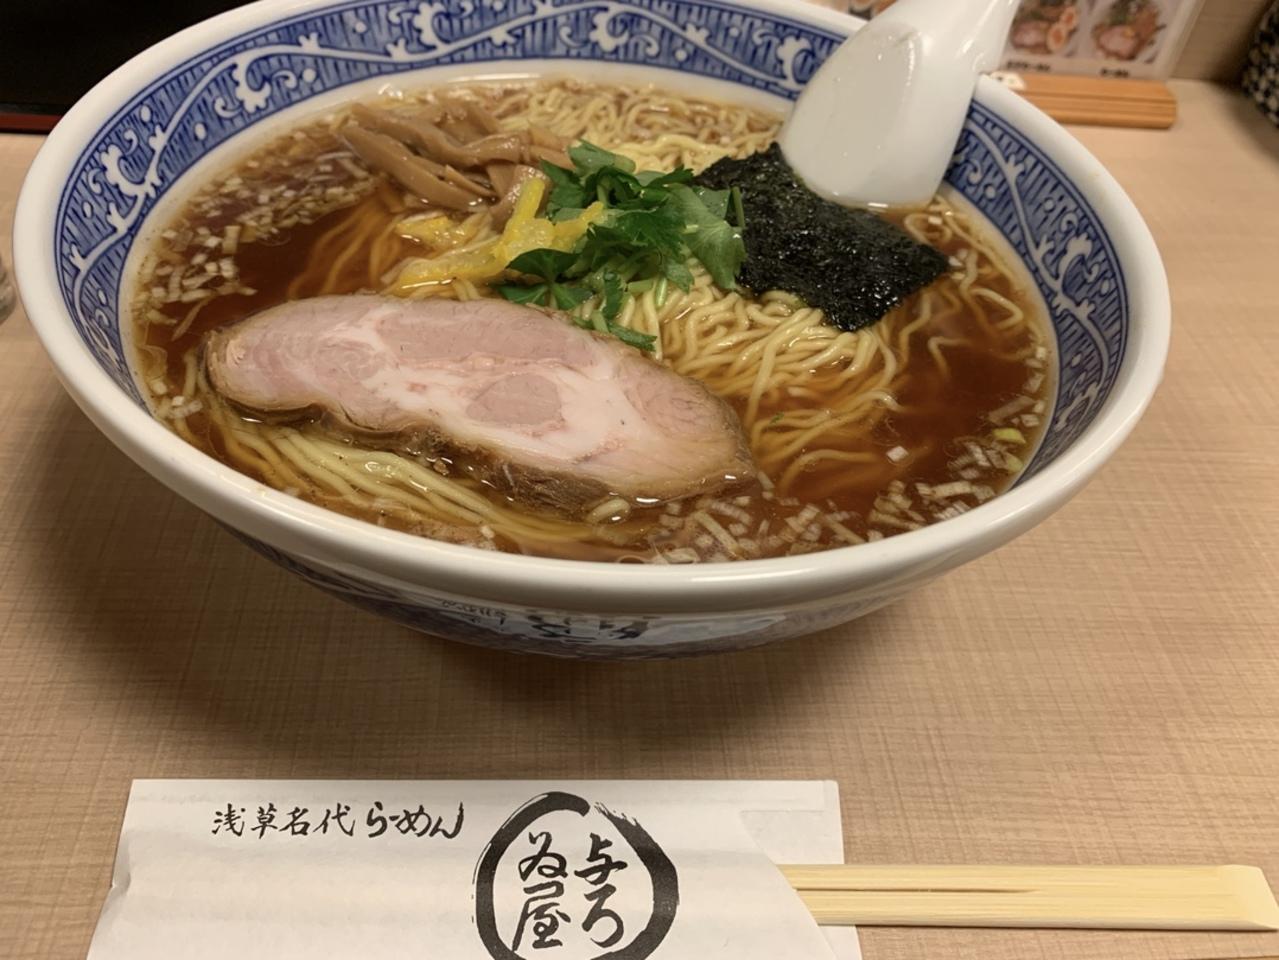 浅草ラーメンランキング3位【完飲できちゃうあっさりラーメン】